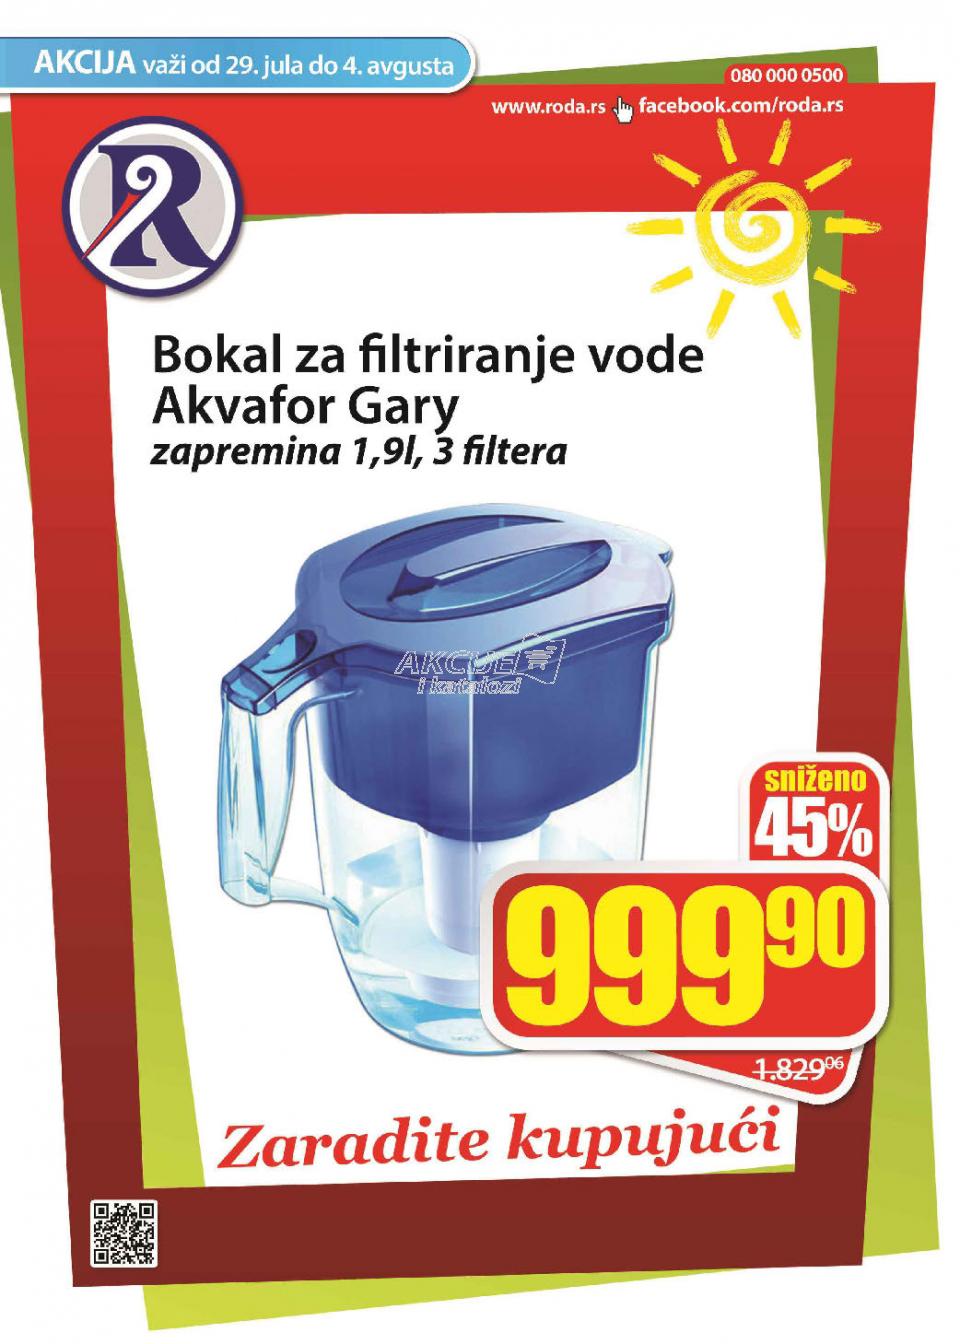 Bokal za filtriranje vode Akvafor Gary